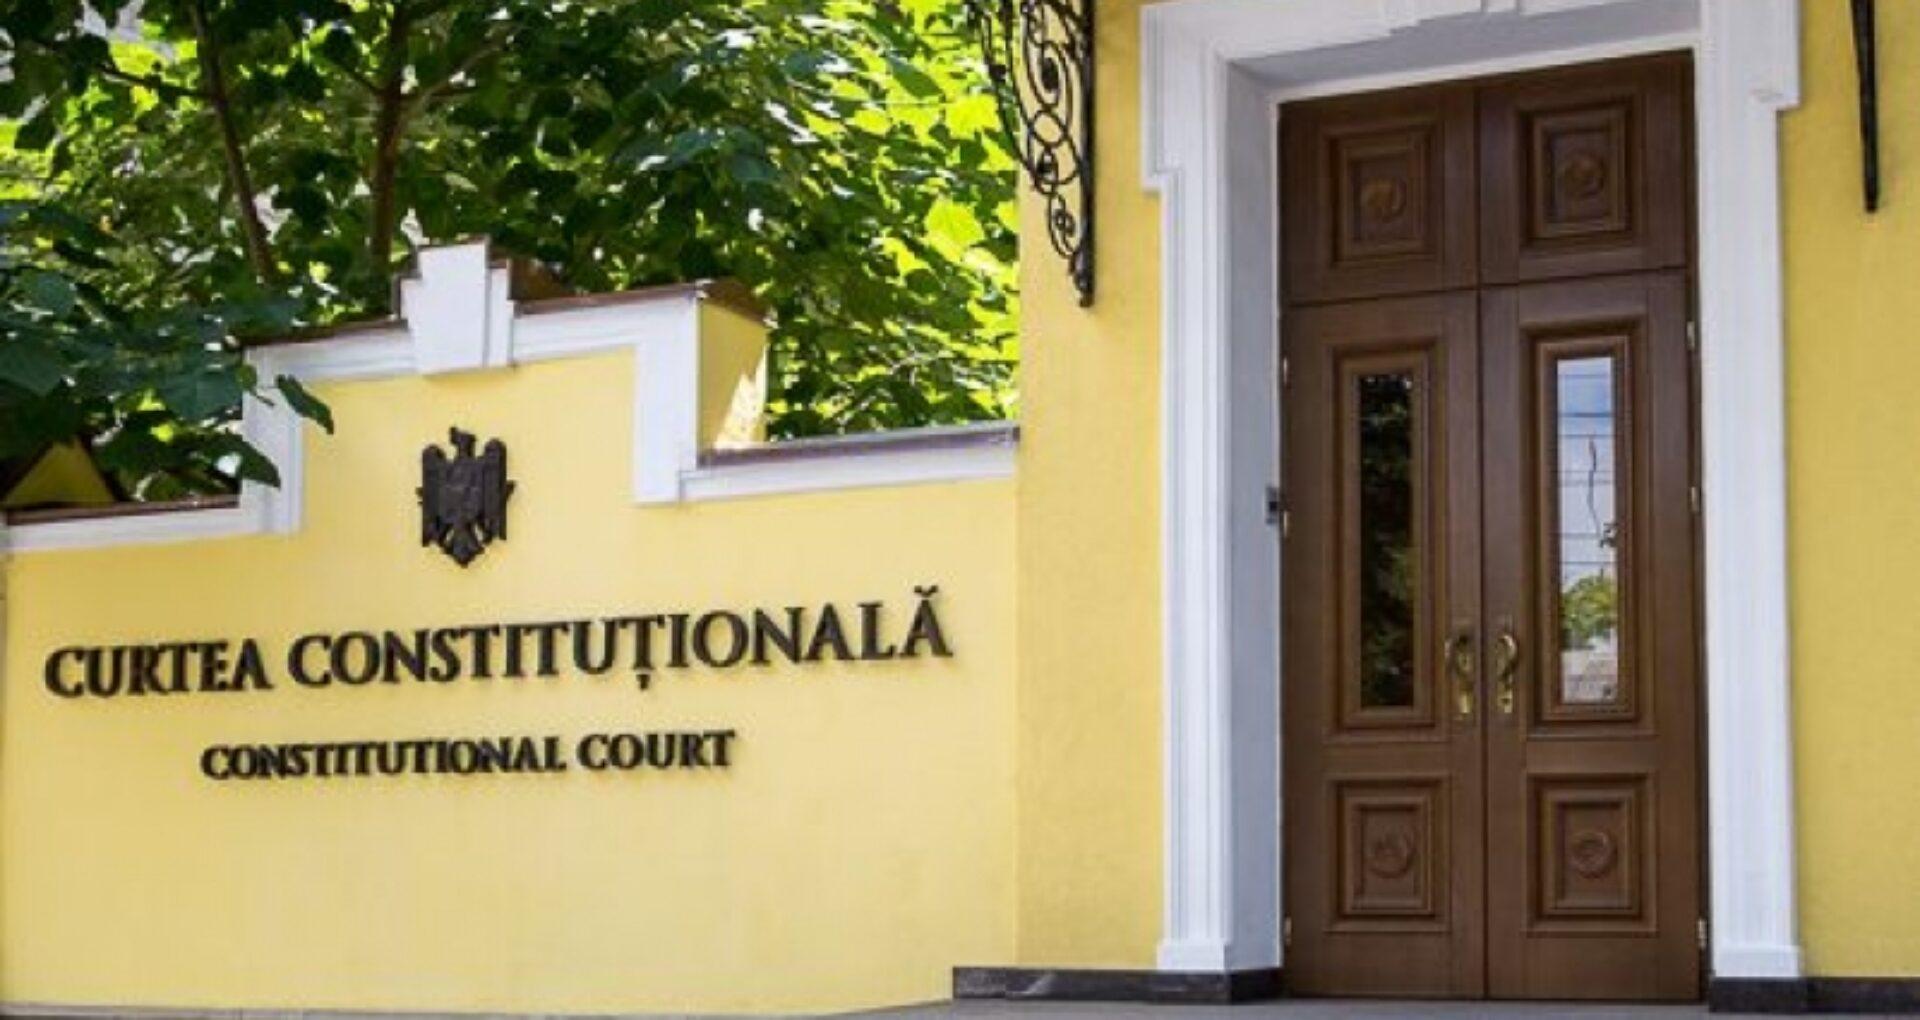 Ce spune Curtea Constituțională despre o eventuală ședință privind validarea mandatului preşedintelui Maia Sandu